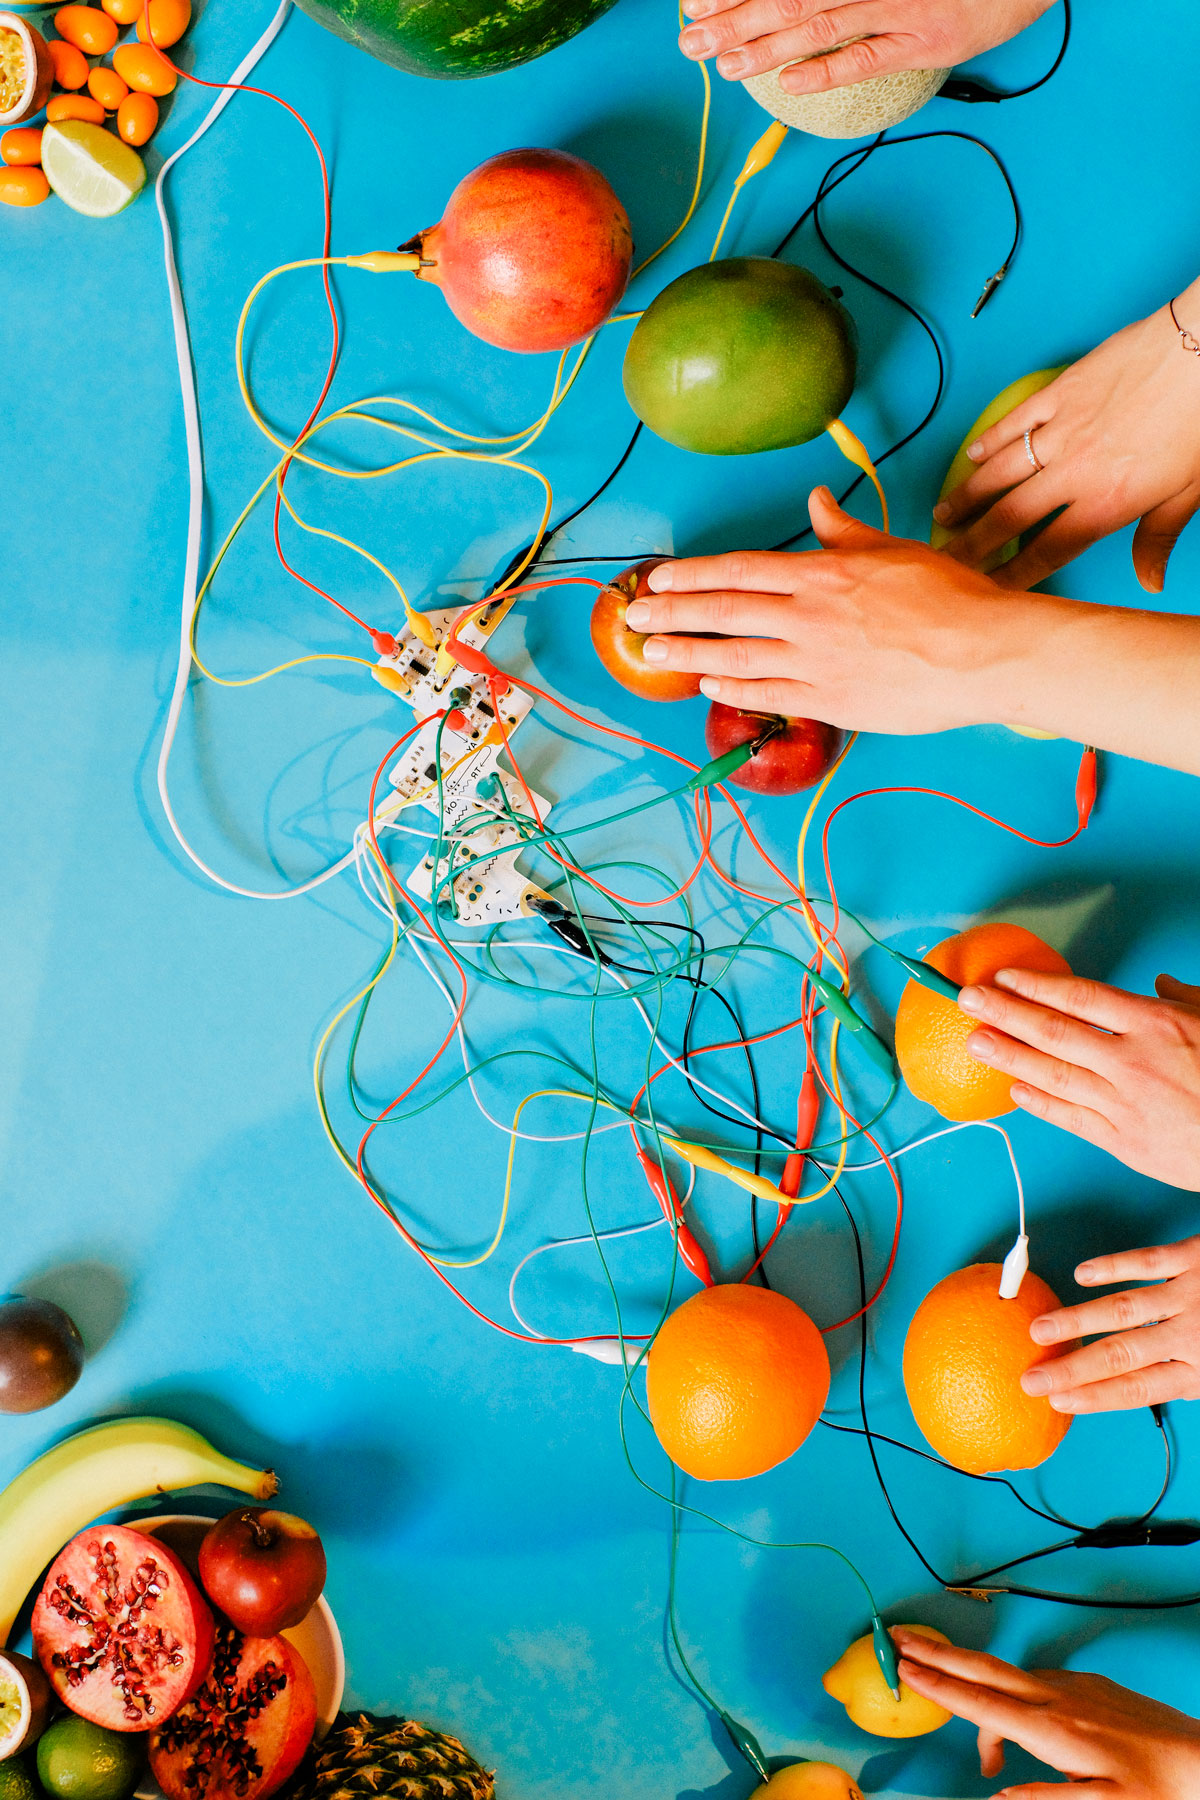 02_fruits_bg_rauchjuicebar_papabogner